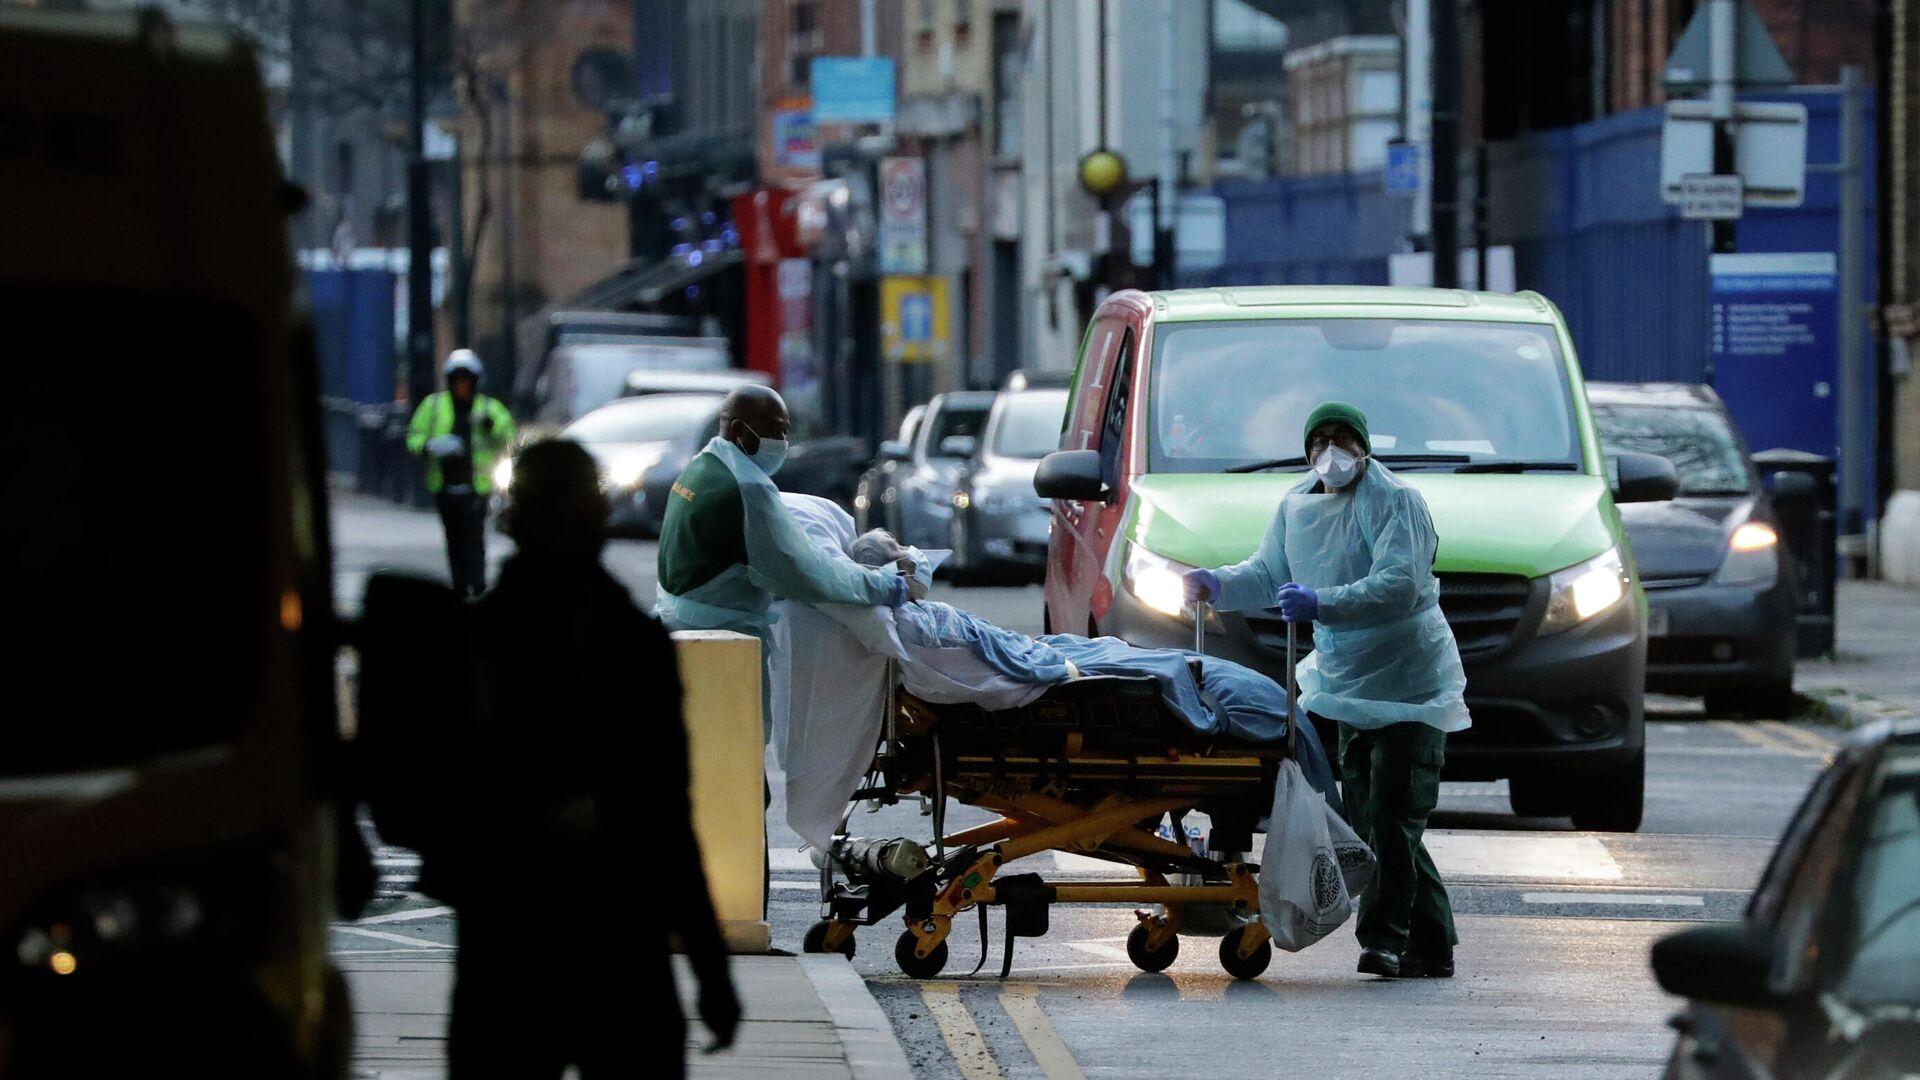 Медицинские работники транспортируют пациента на улице Лондона, Великобритания - РИА Новости, 1920, 20.12.2020